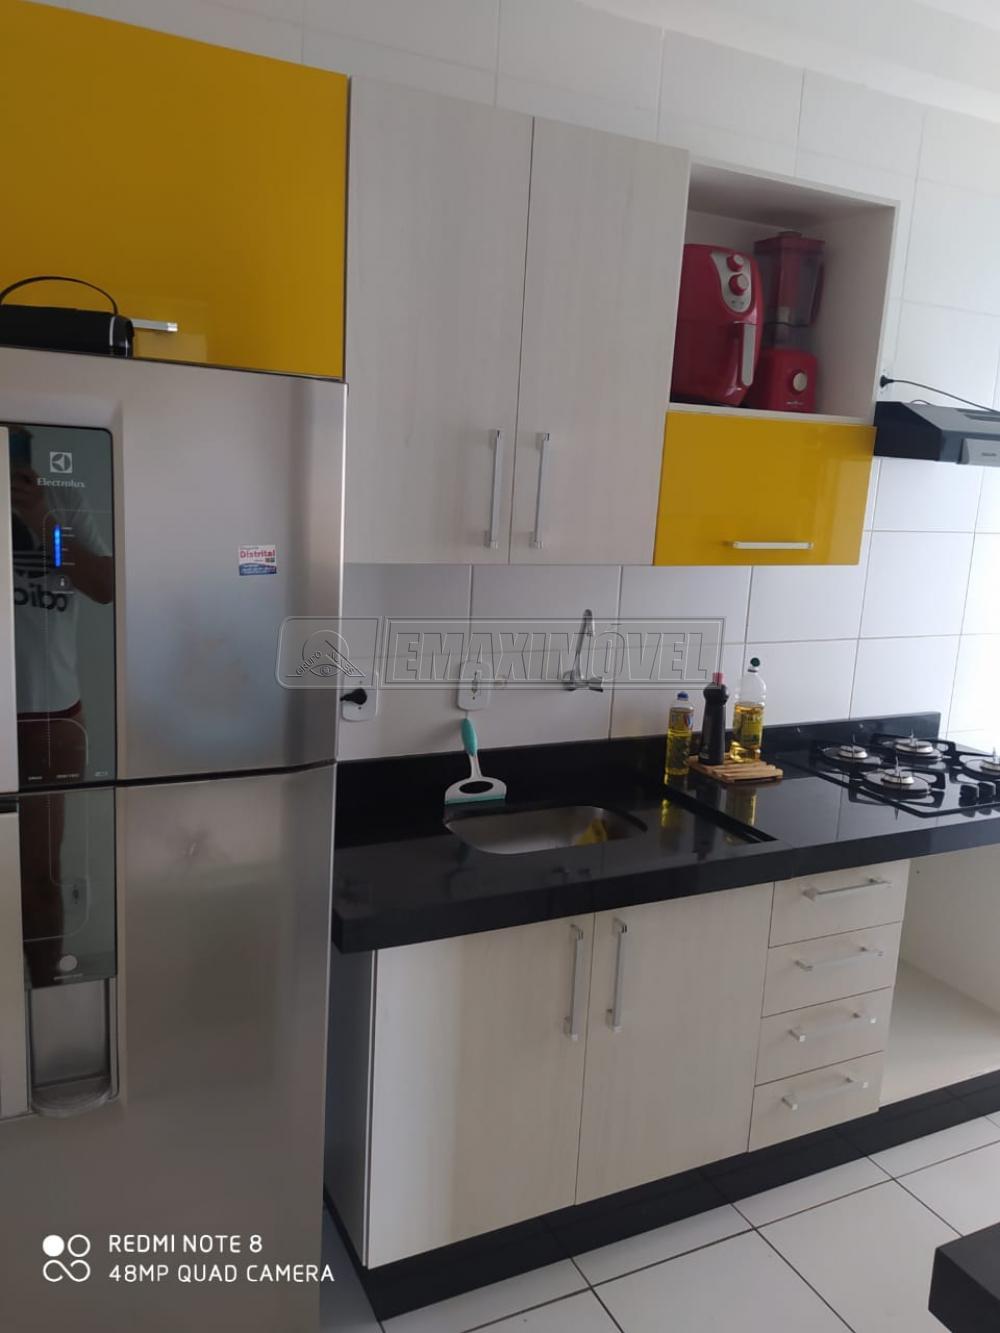 Alugar Apartamentos / Apto Padrão em Sorocaba apenas R$ 1.350,00 - Foto 5